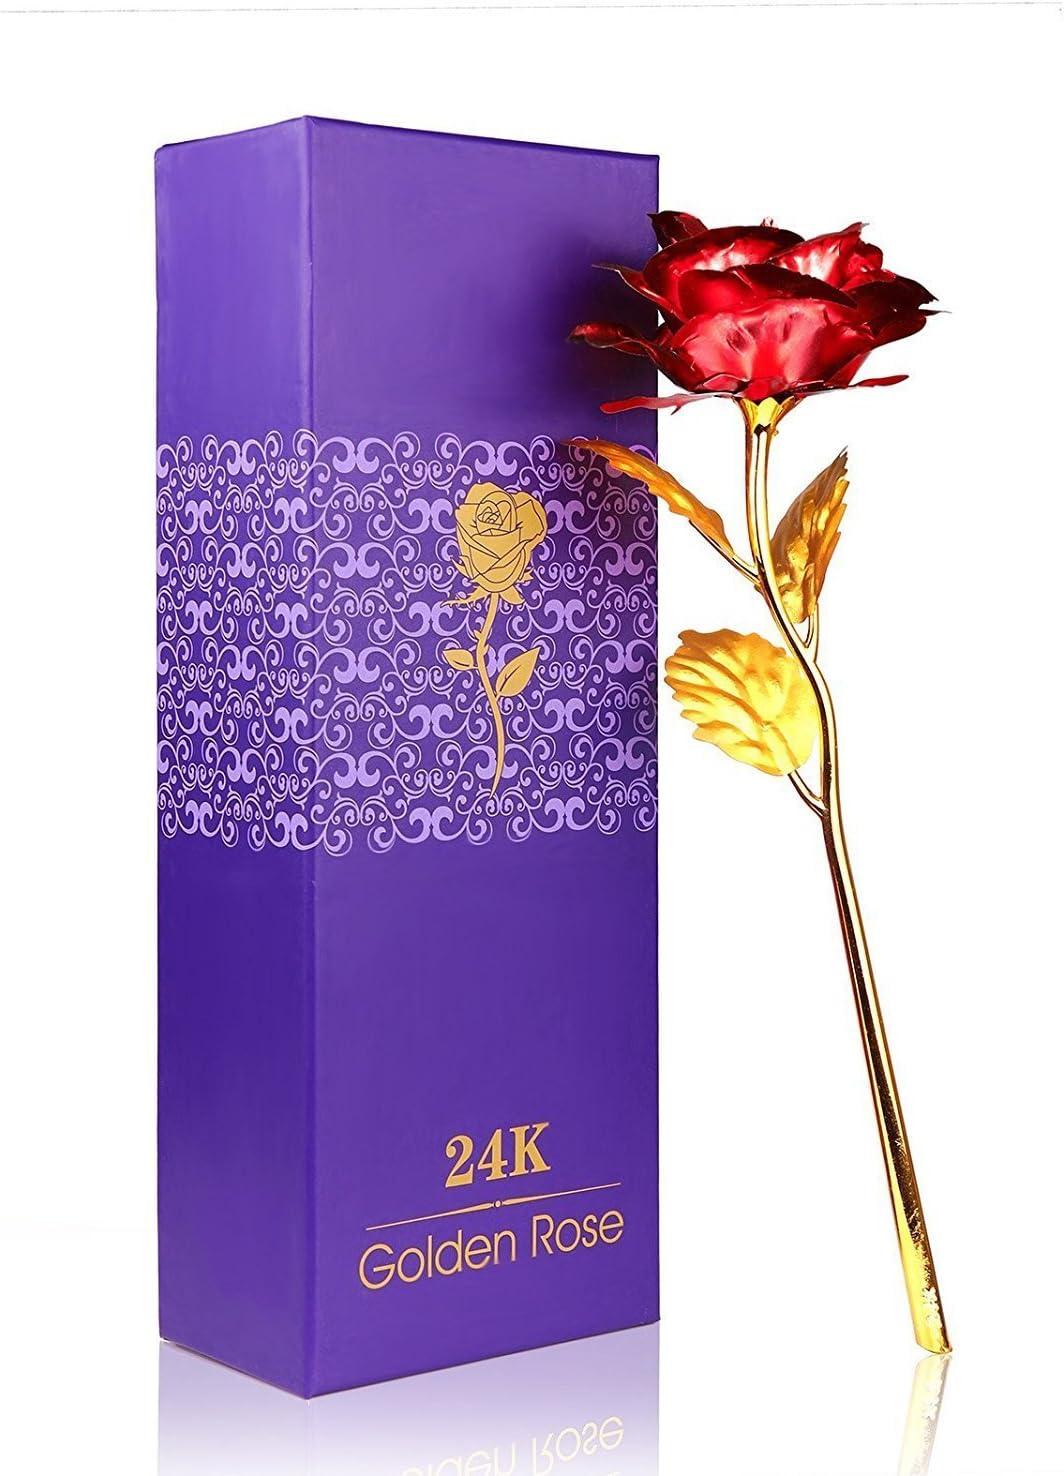 Onerbuy Creative madre regalo del día de 24 K lámina de oro rosa flores full Blossom presenta, romántico regalo para ella con caja, hecho a mano & amor dure para siempre (Rojo)